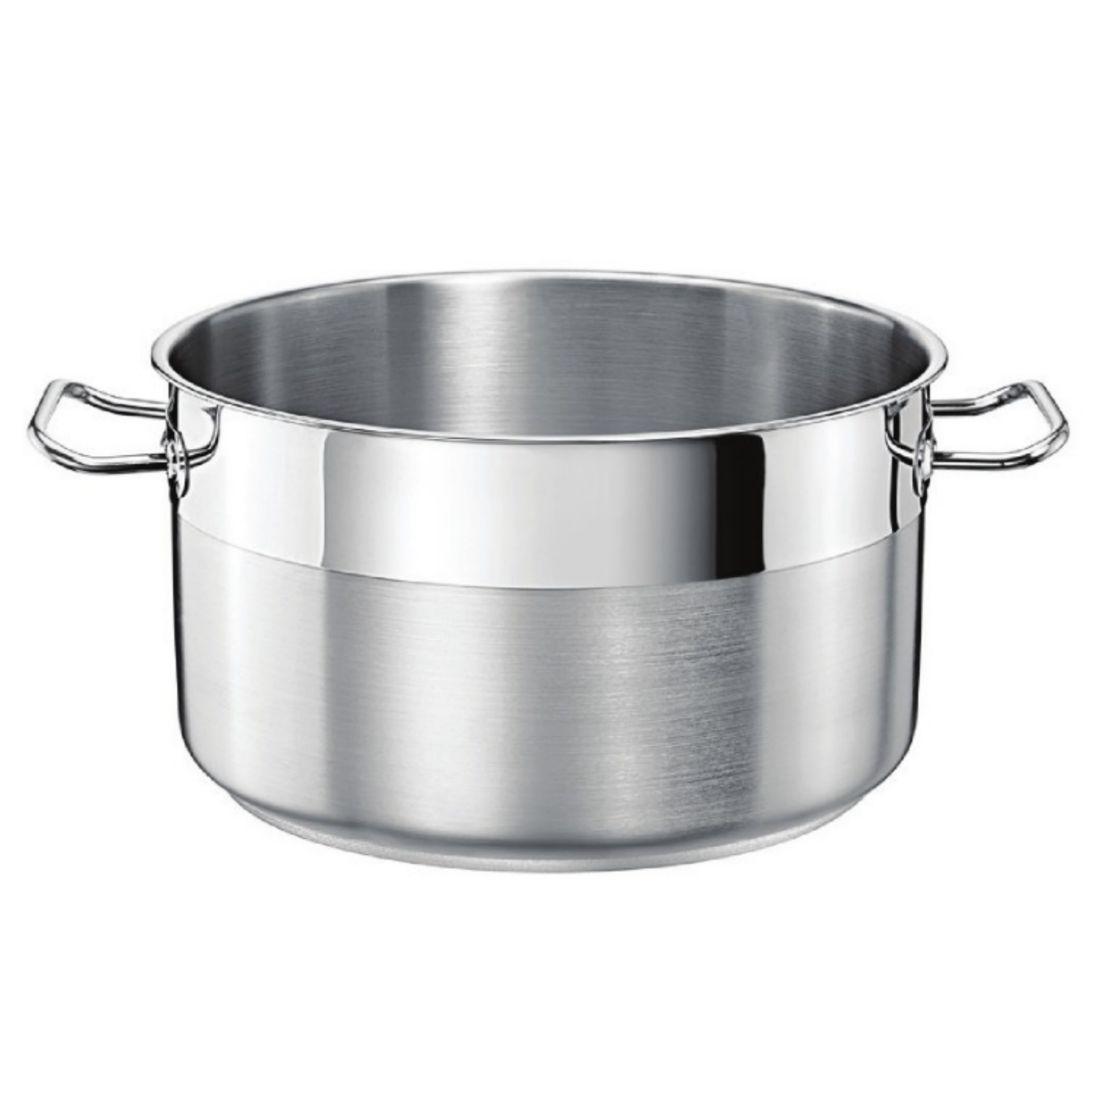 Hrnec střední TOMGAST Silver 10,0 l